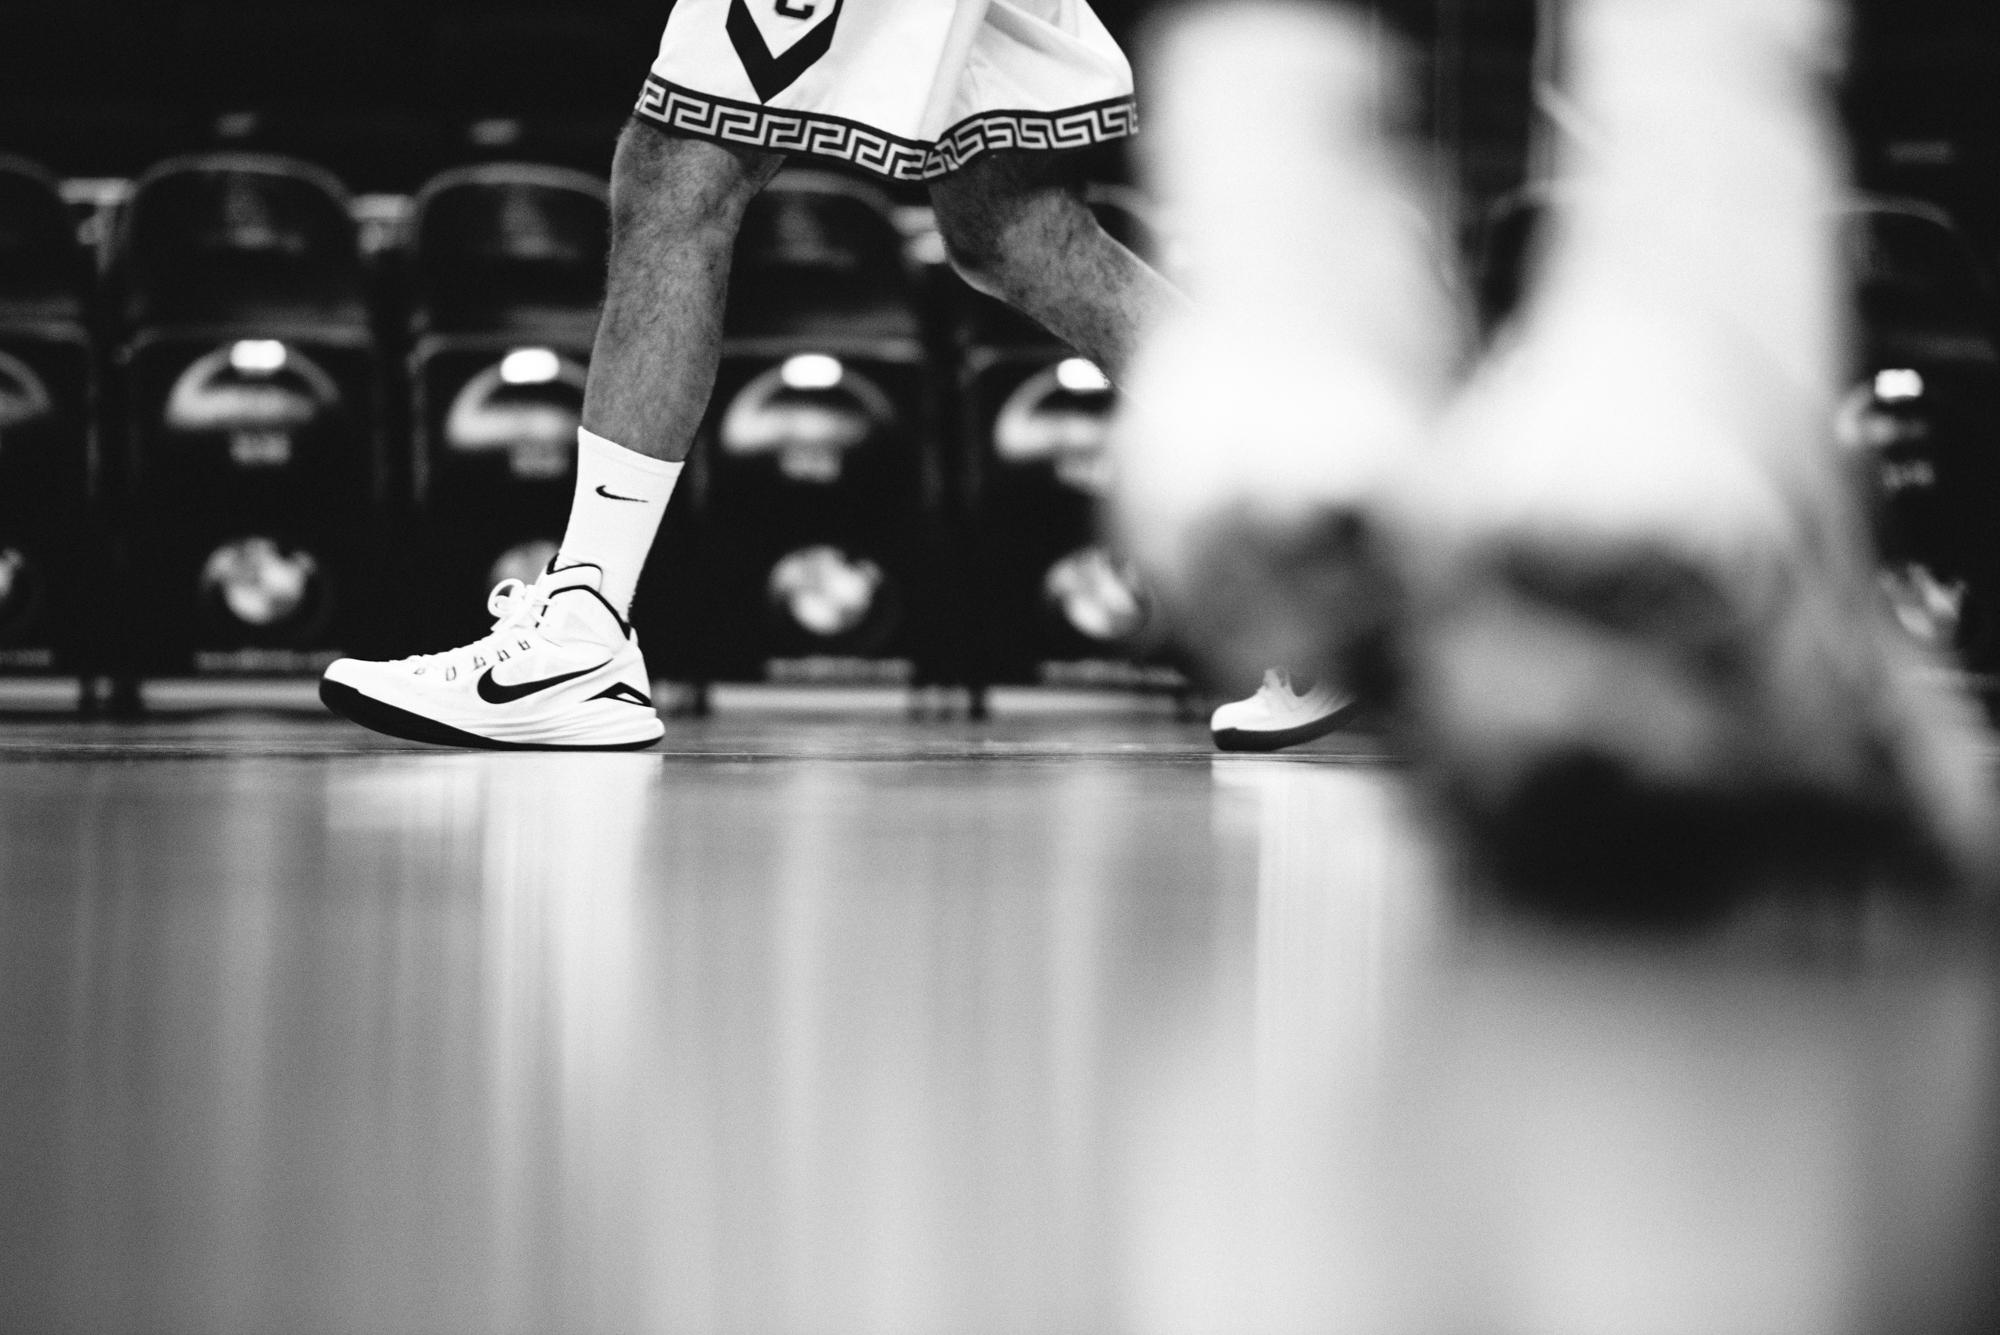 Dondonyan_basketball-6497.jpg